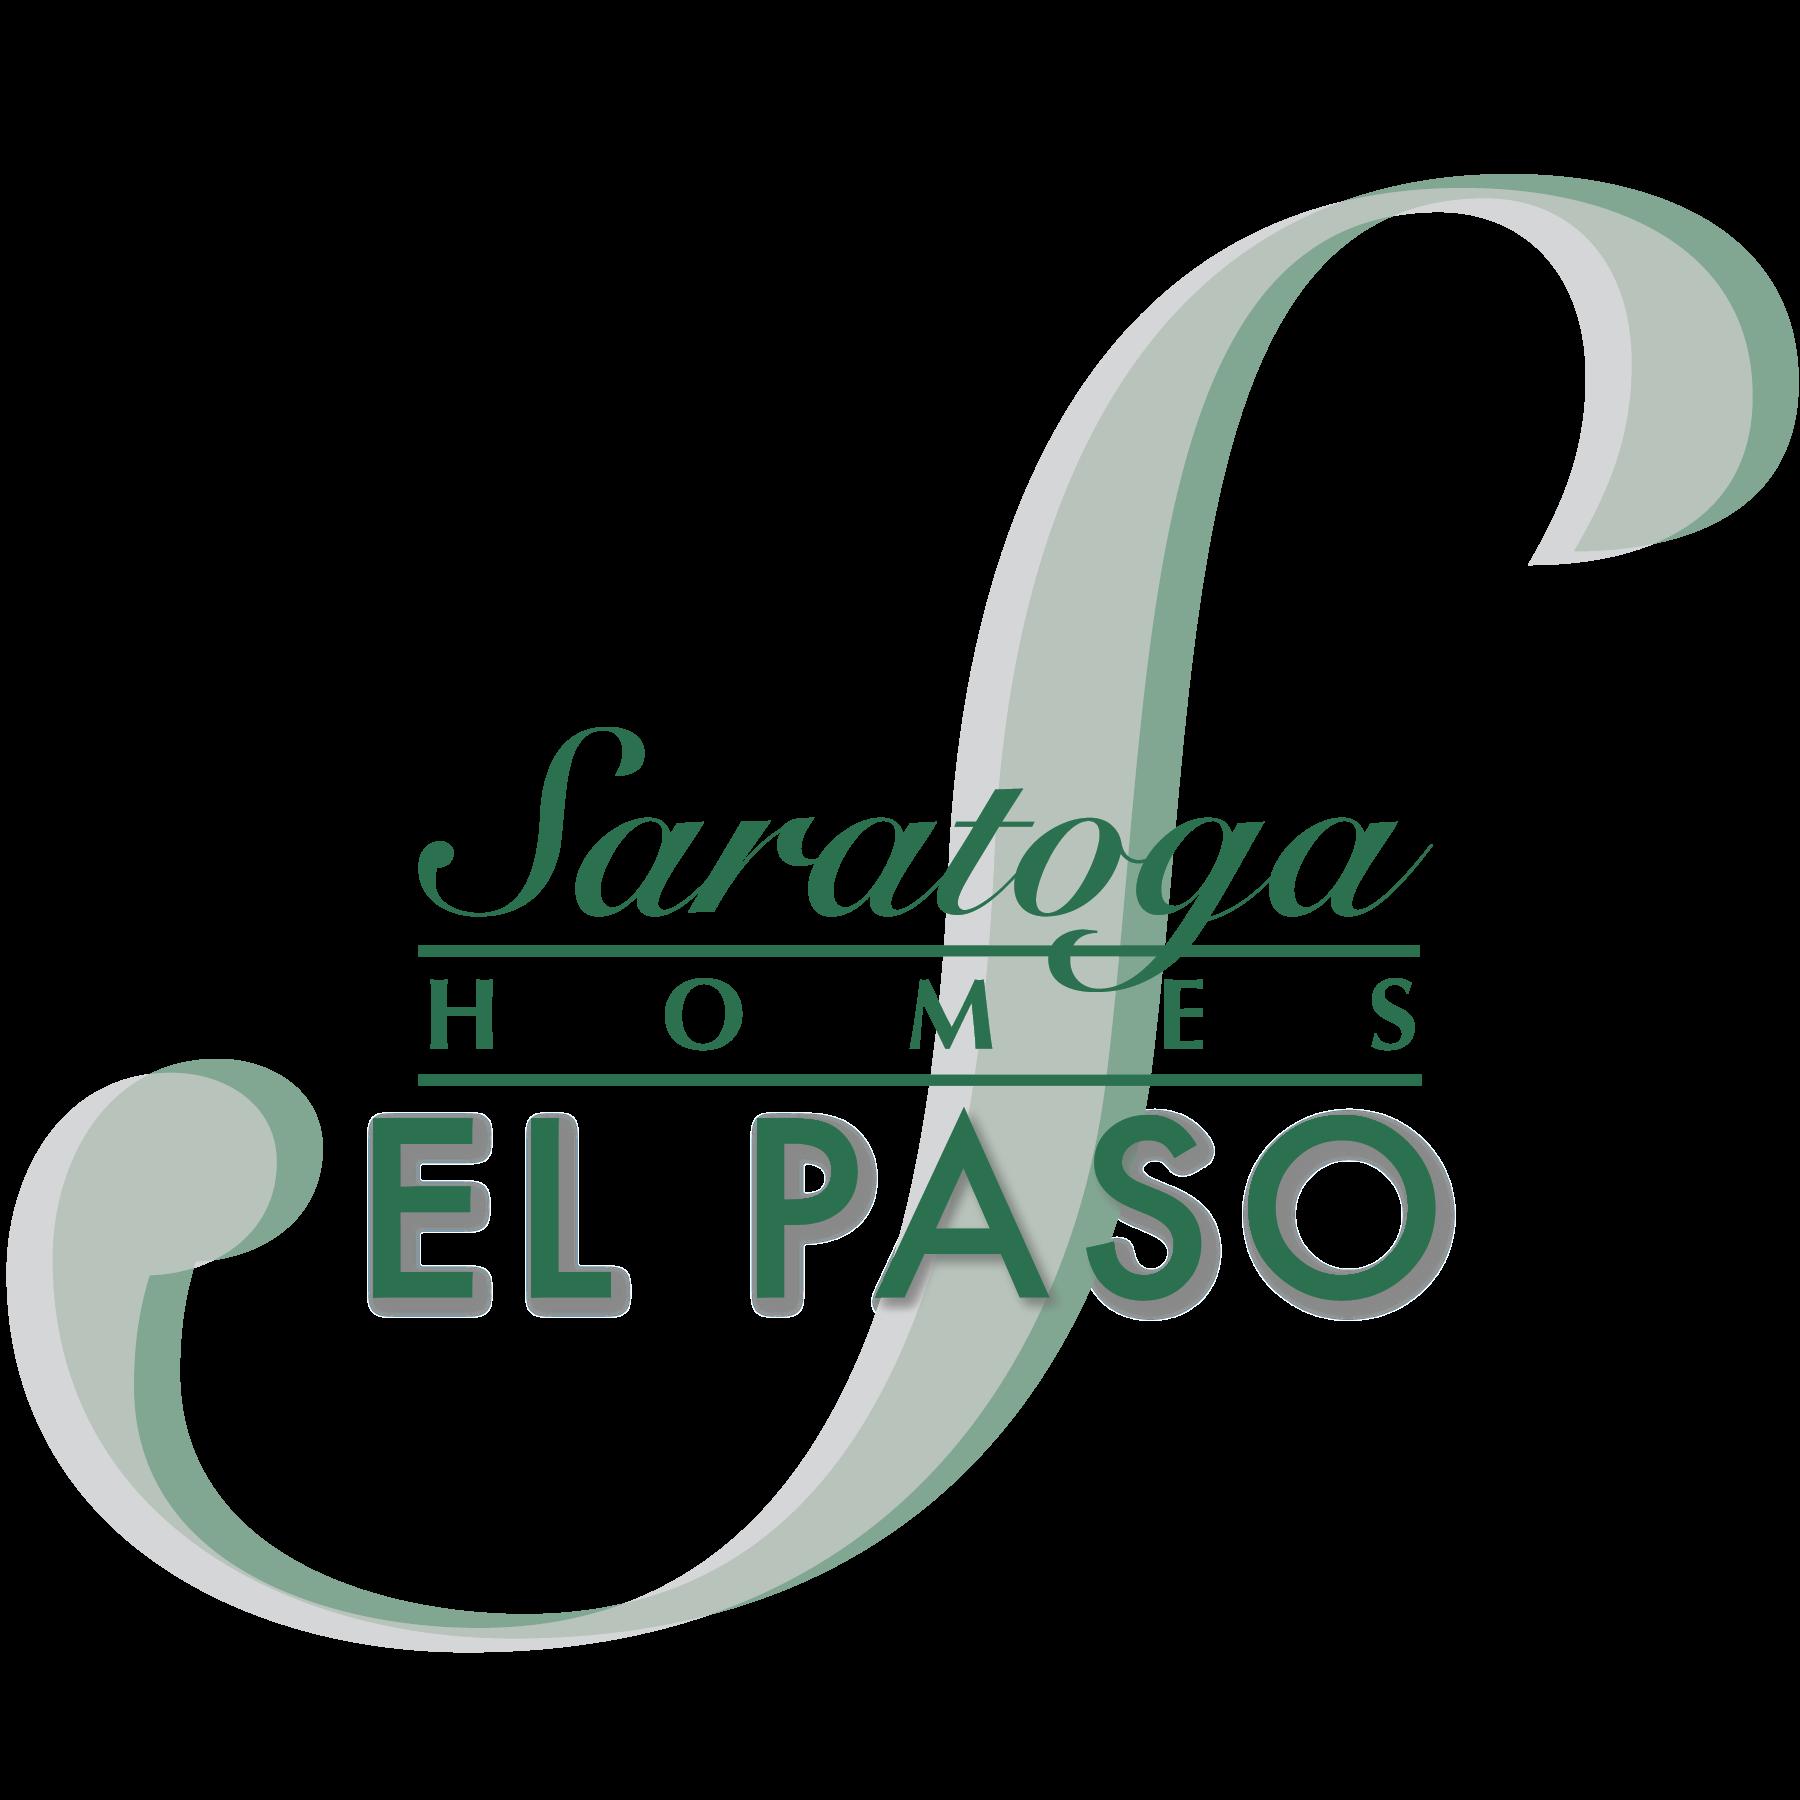 El paso communities and floor plans saratoga homes el paso for Builders in el paso tx